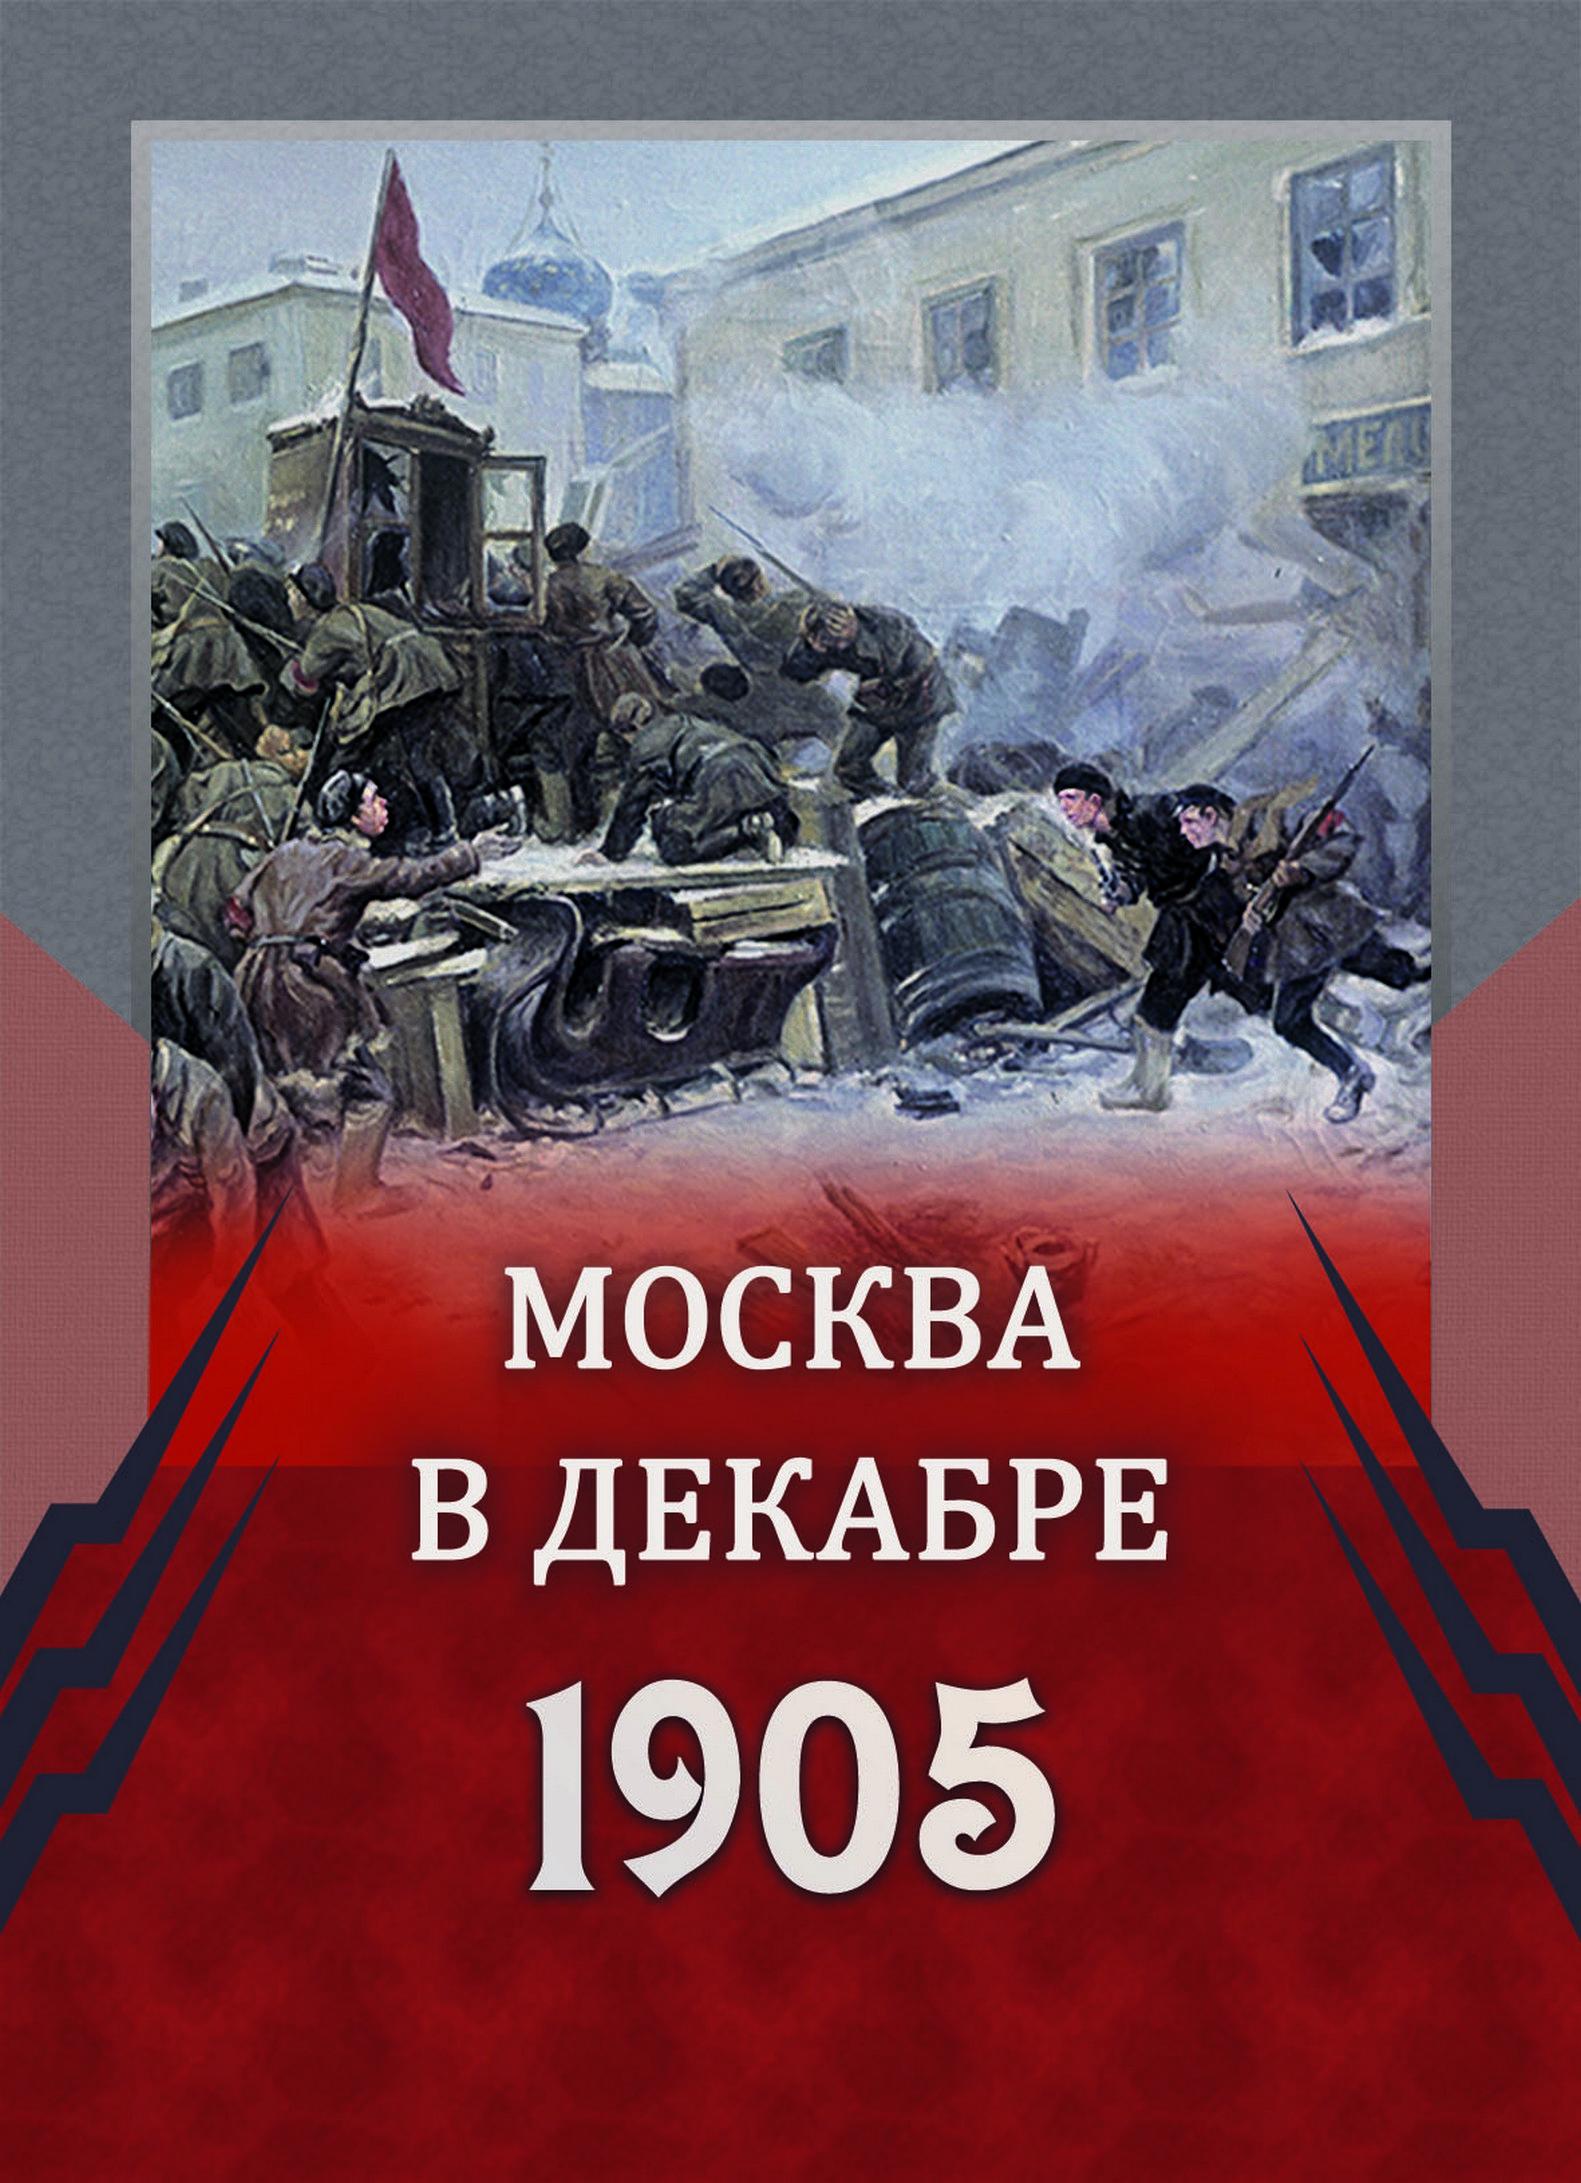 Встреча «Книги о Москве и городах России. Москва историческая» – события на сайте «Московские Сезоны»